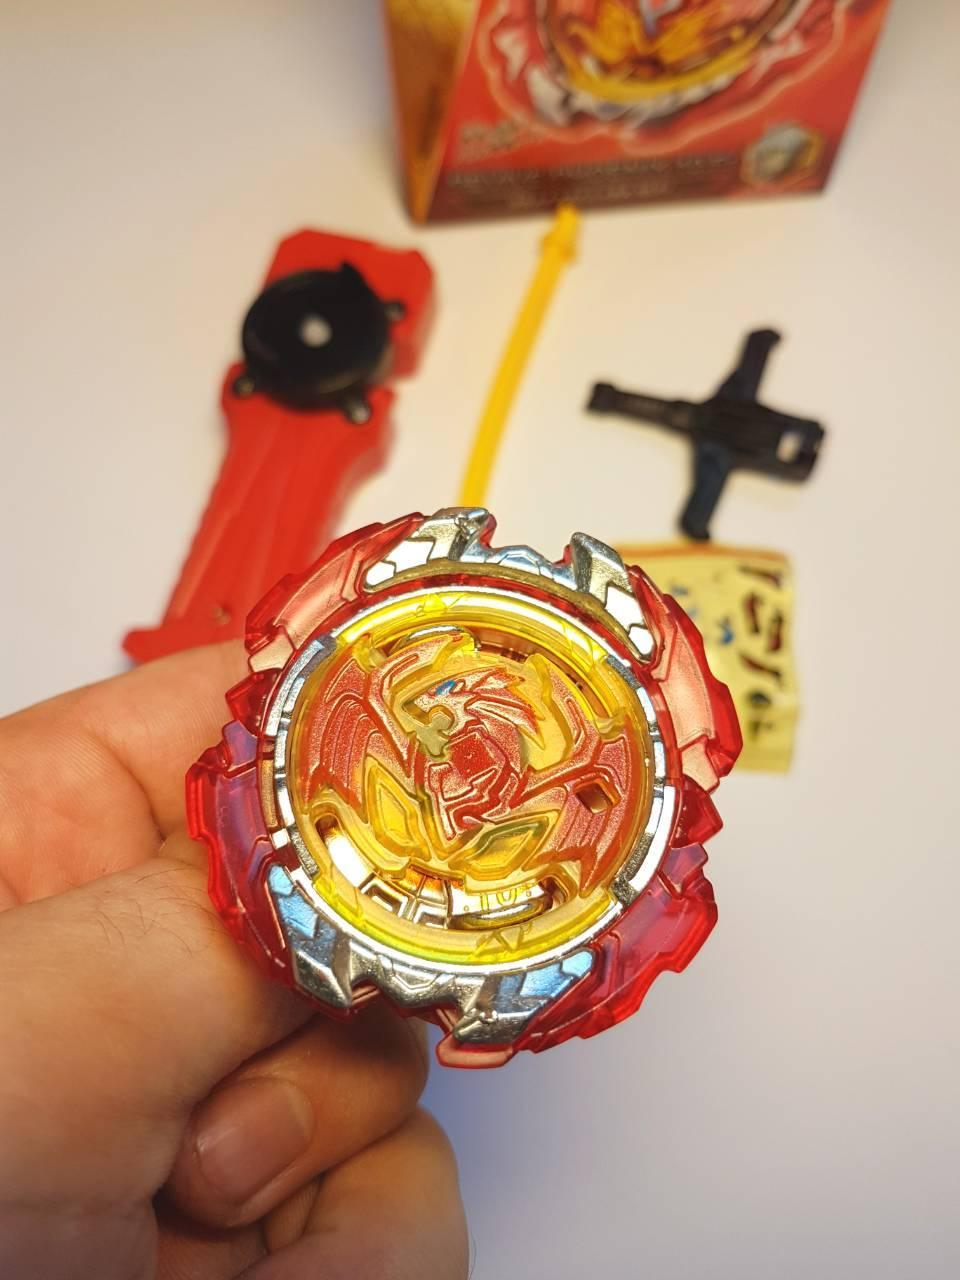 Бейблейд В-117 Beyblade Revive Phoenix / Відроджений Фенікс